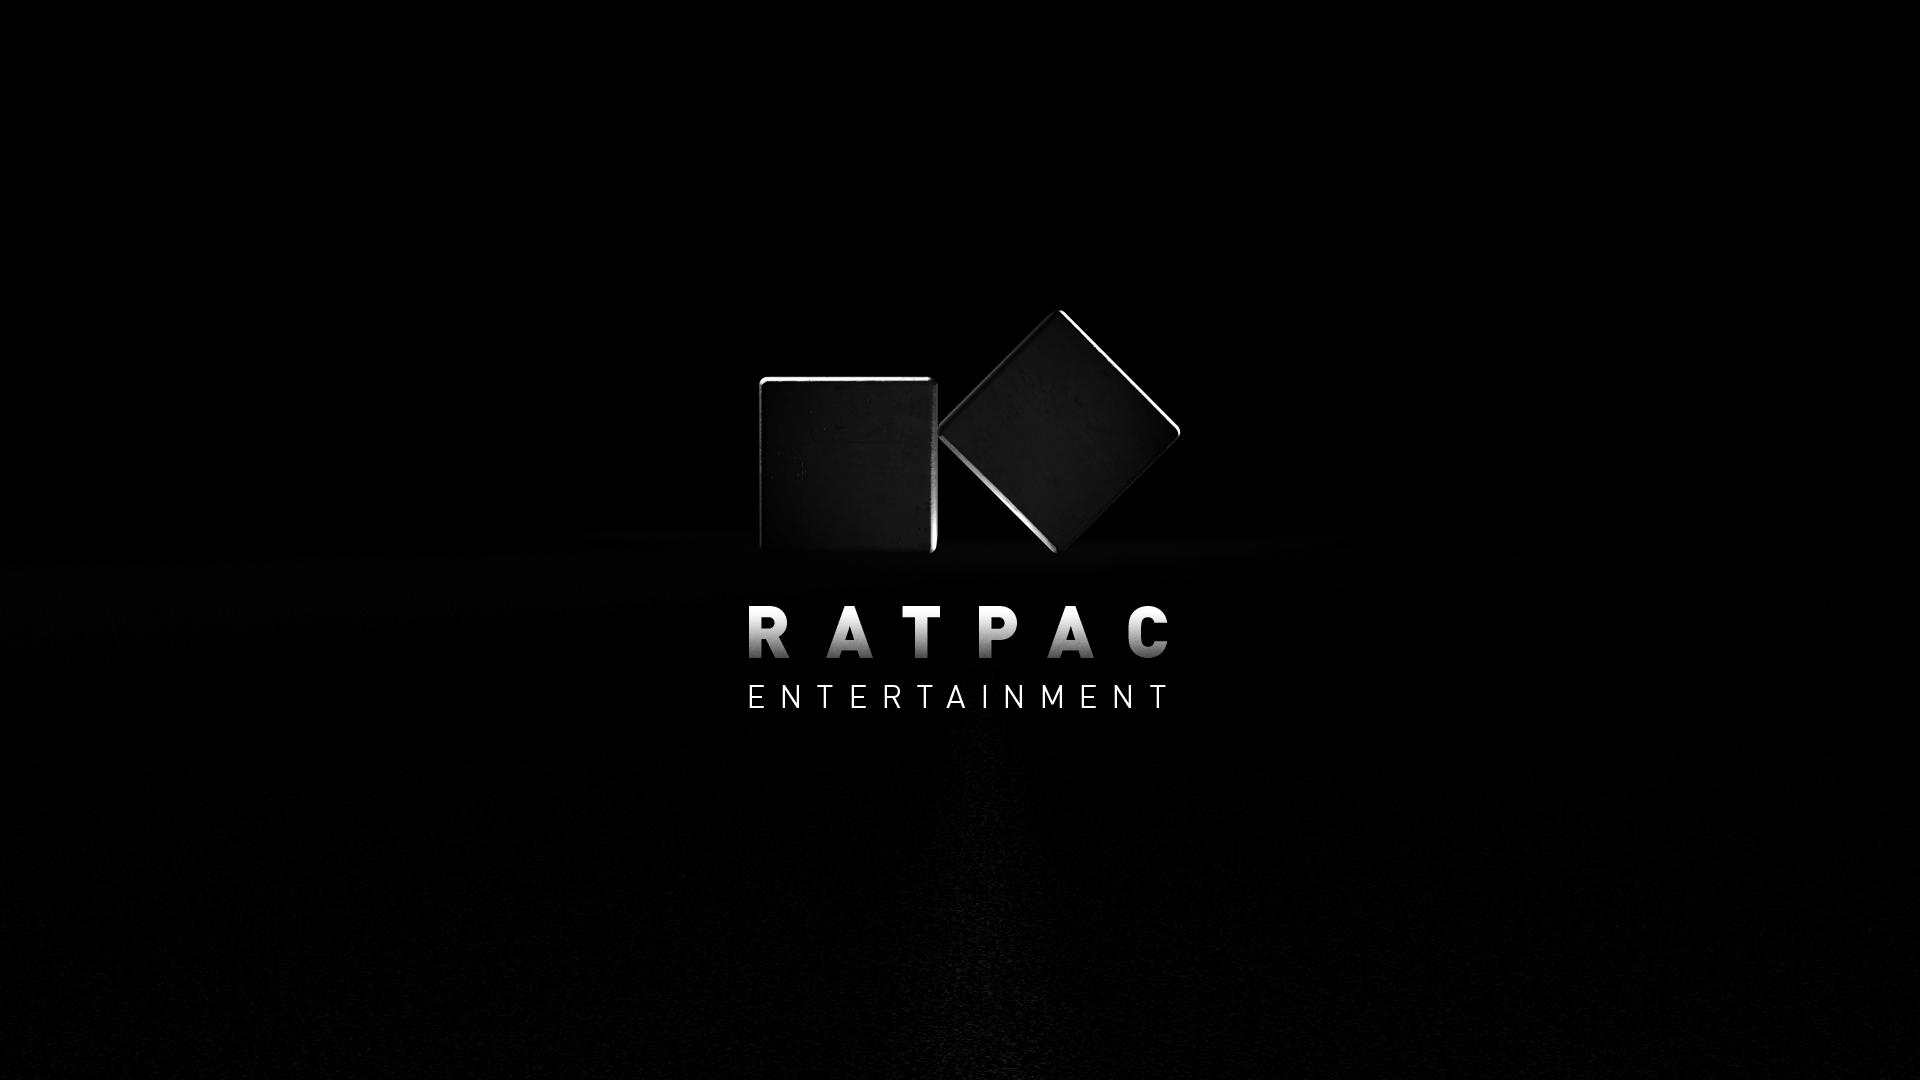 Ratpac_2_6